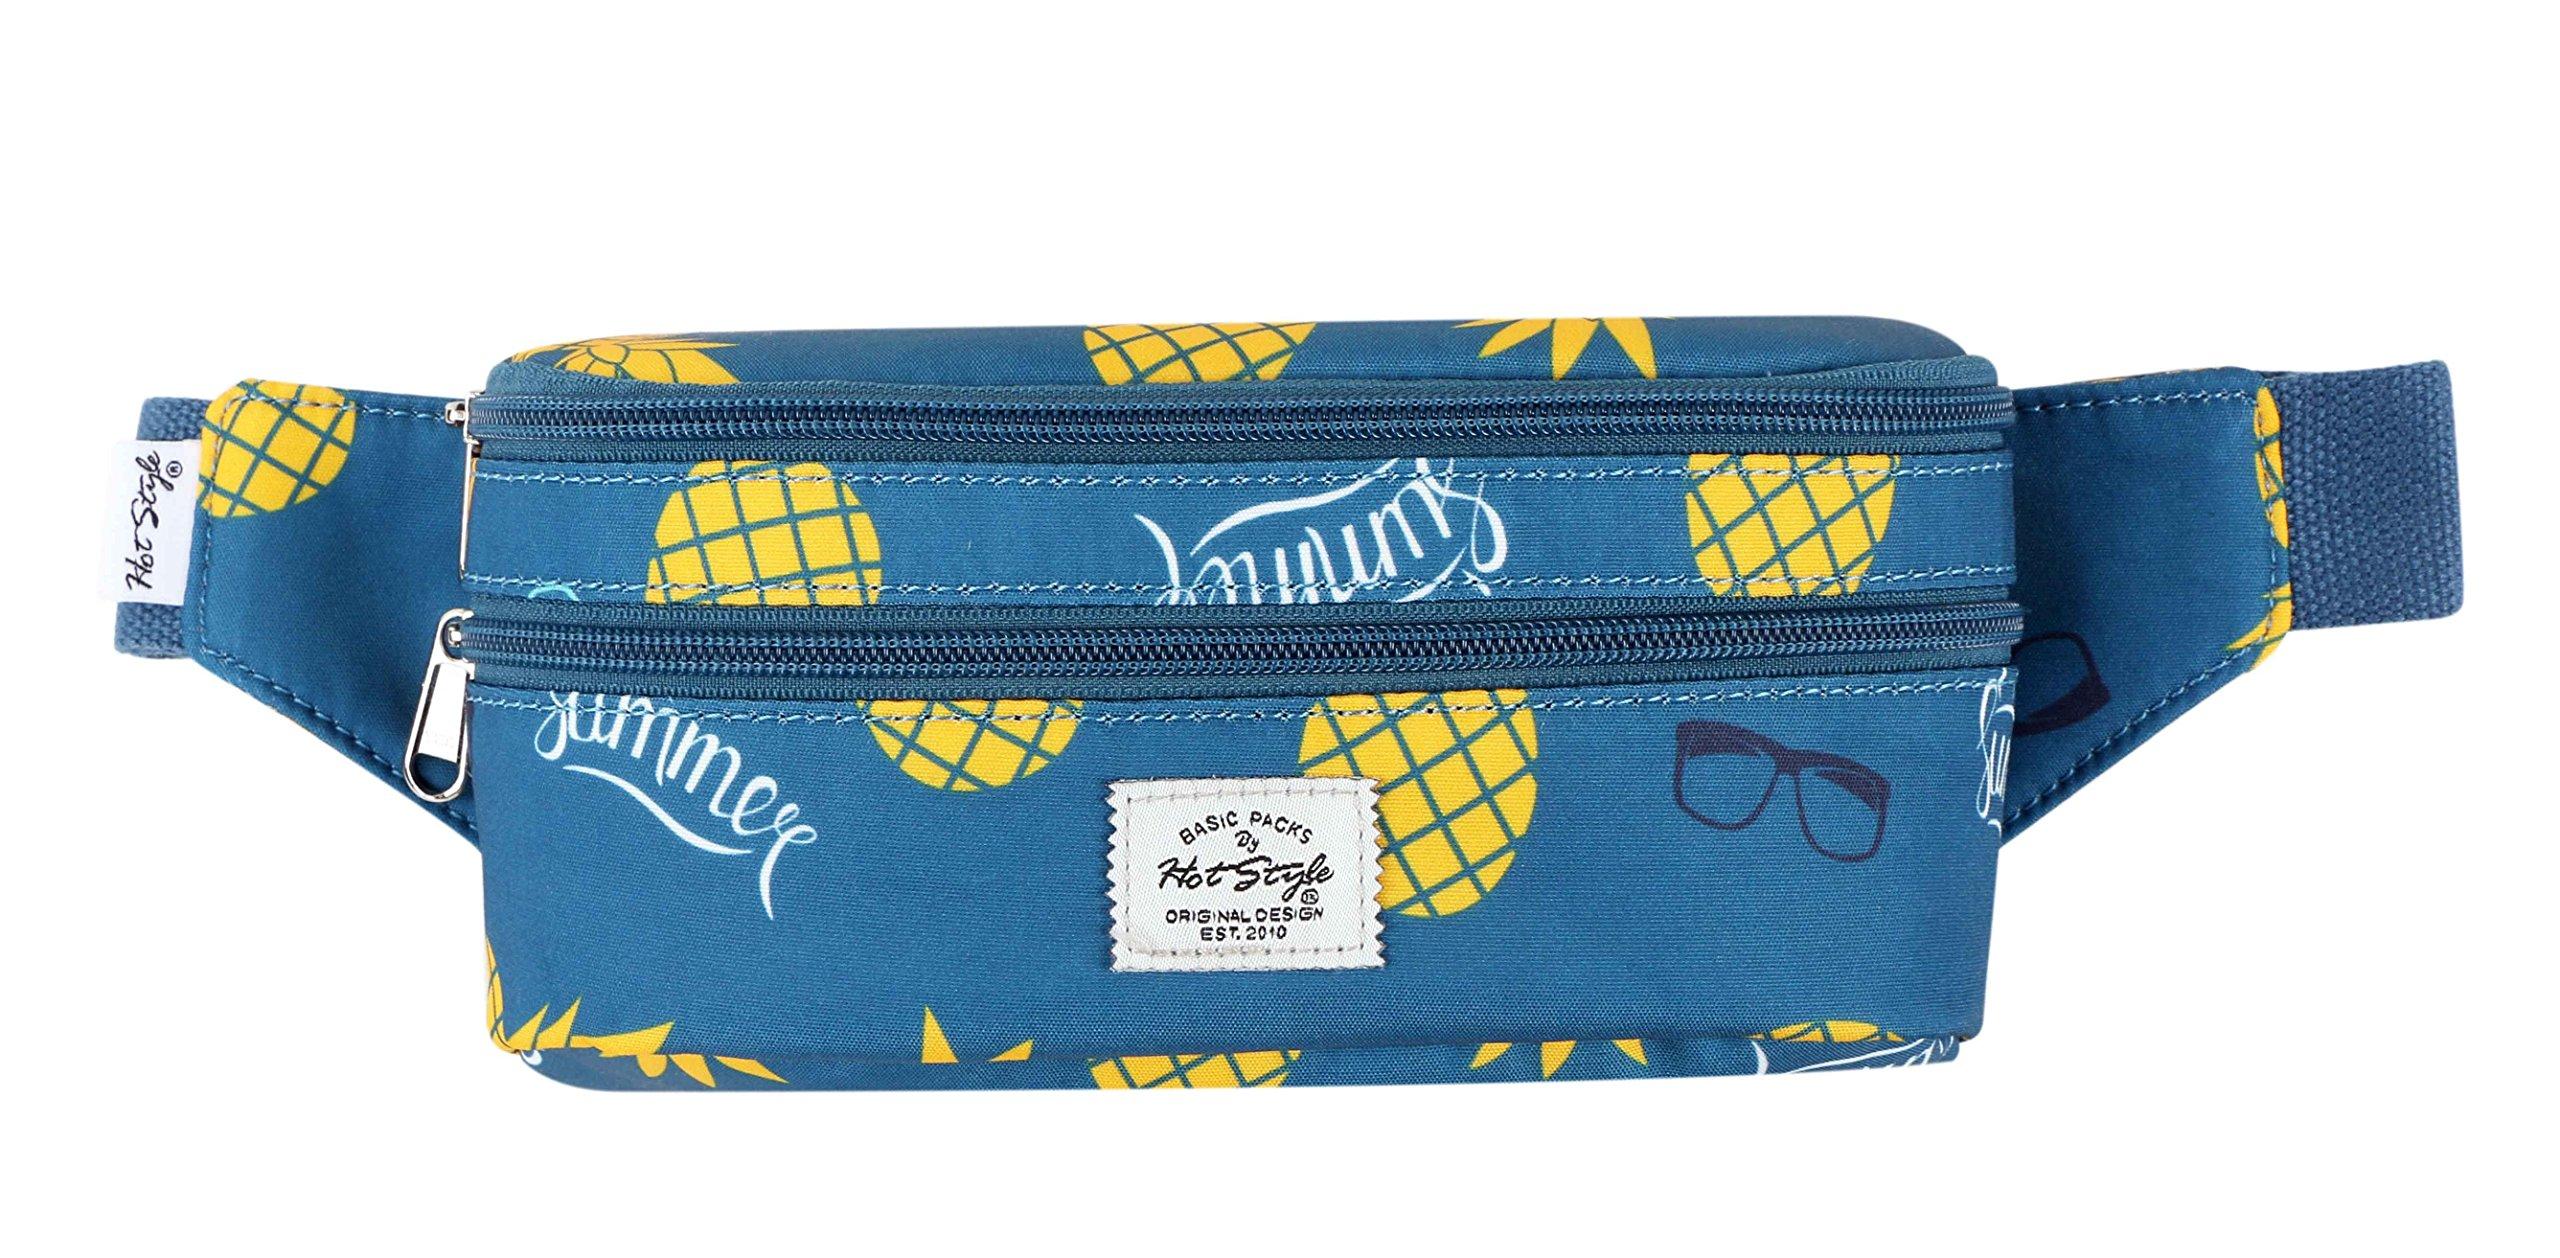 521s Fashion Waist Bag Cute Fanny Pack | 8.0''x2.5''x4.3'' | Summer Pineapple